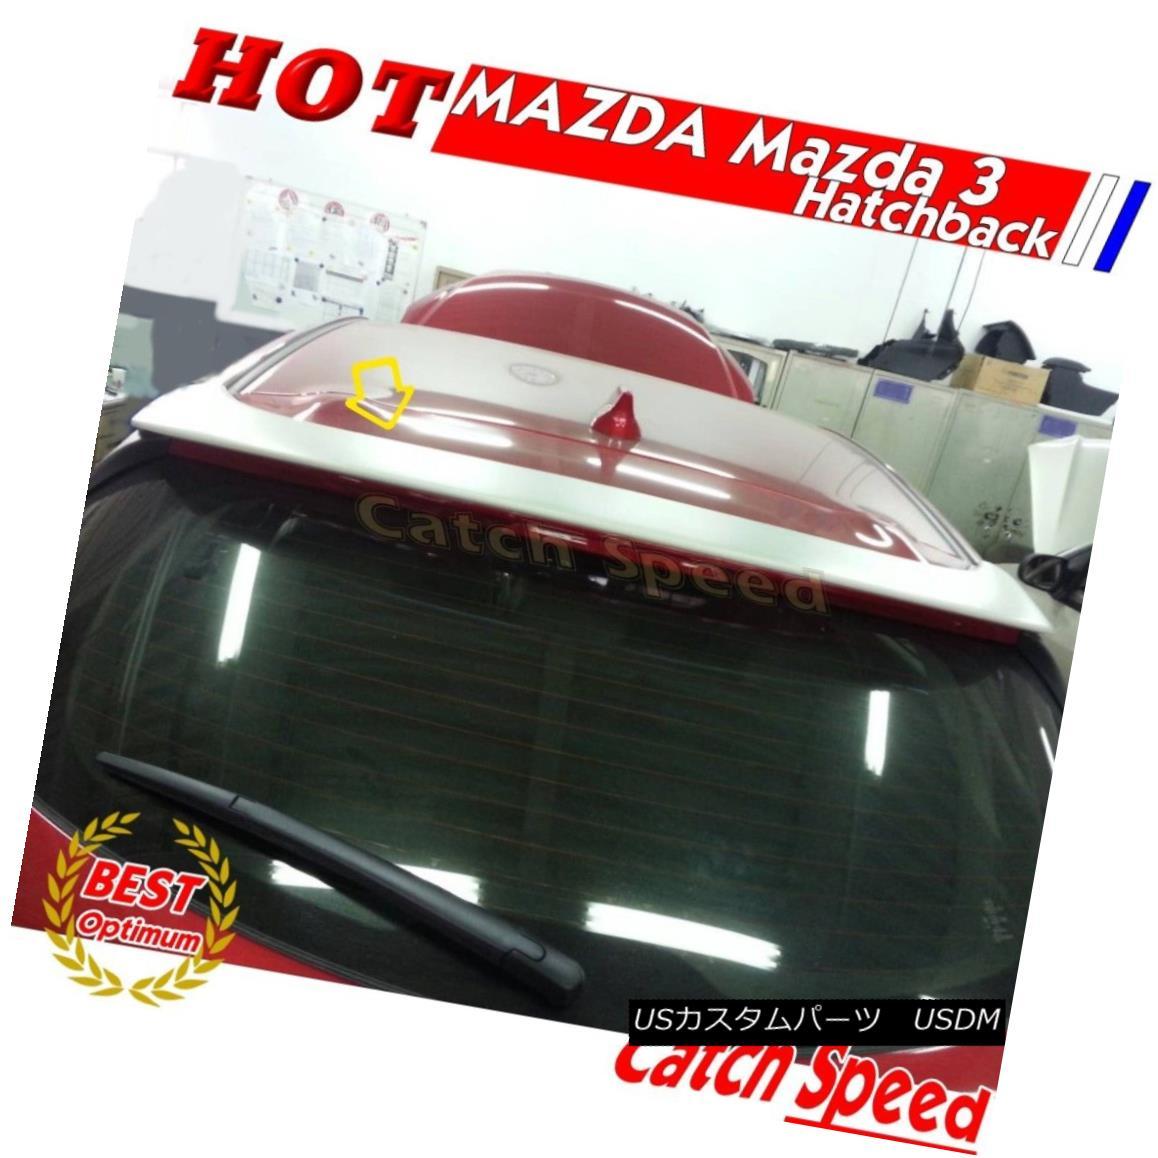 エアロパーツ Painted OE Style Rear Roof Trunk Spoiler Wing For Mazda 3 2014~2016 Hatchback 塗装済みOEスタイルマツダ3用リアルーフトランク・スポイラー・ウイング2014?2016ハッチバック